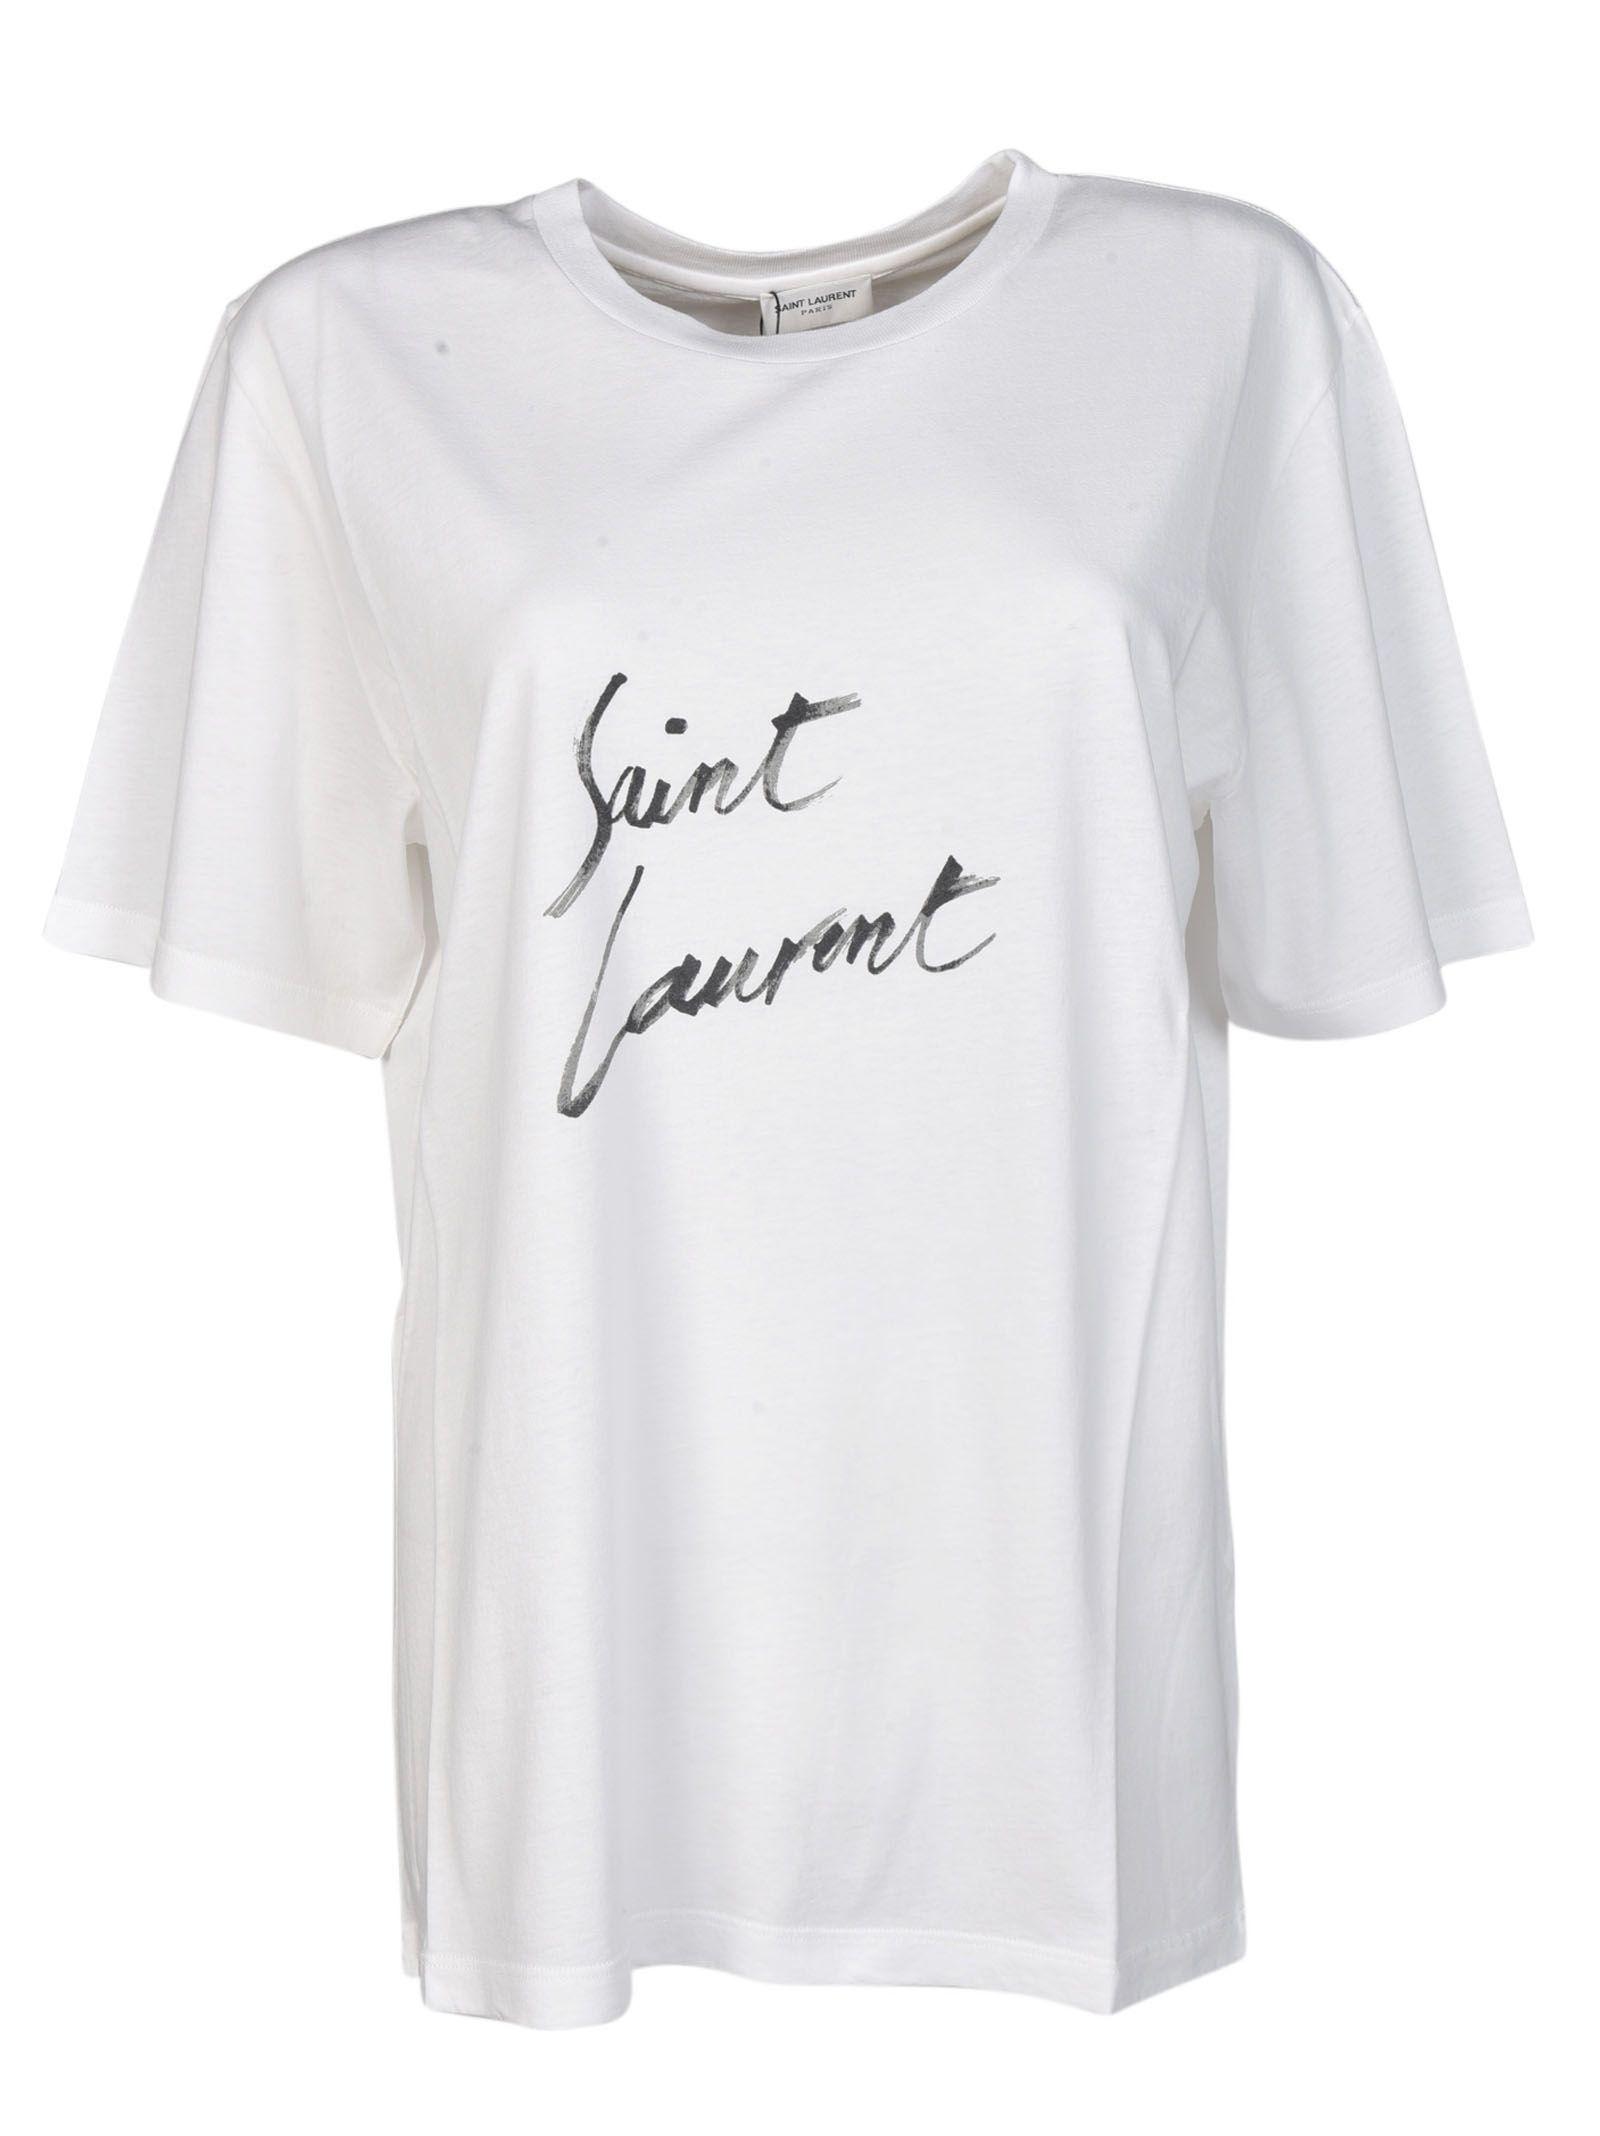 Saint laurent saint laurent logo t shirt white women for Ysl logo tee shirt